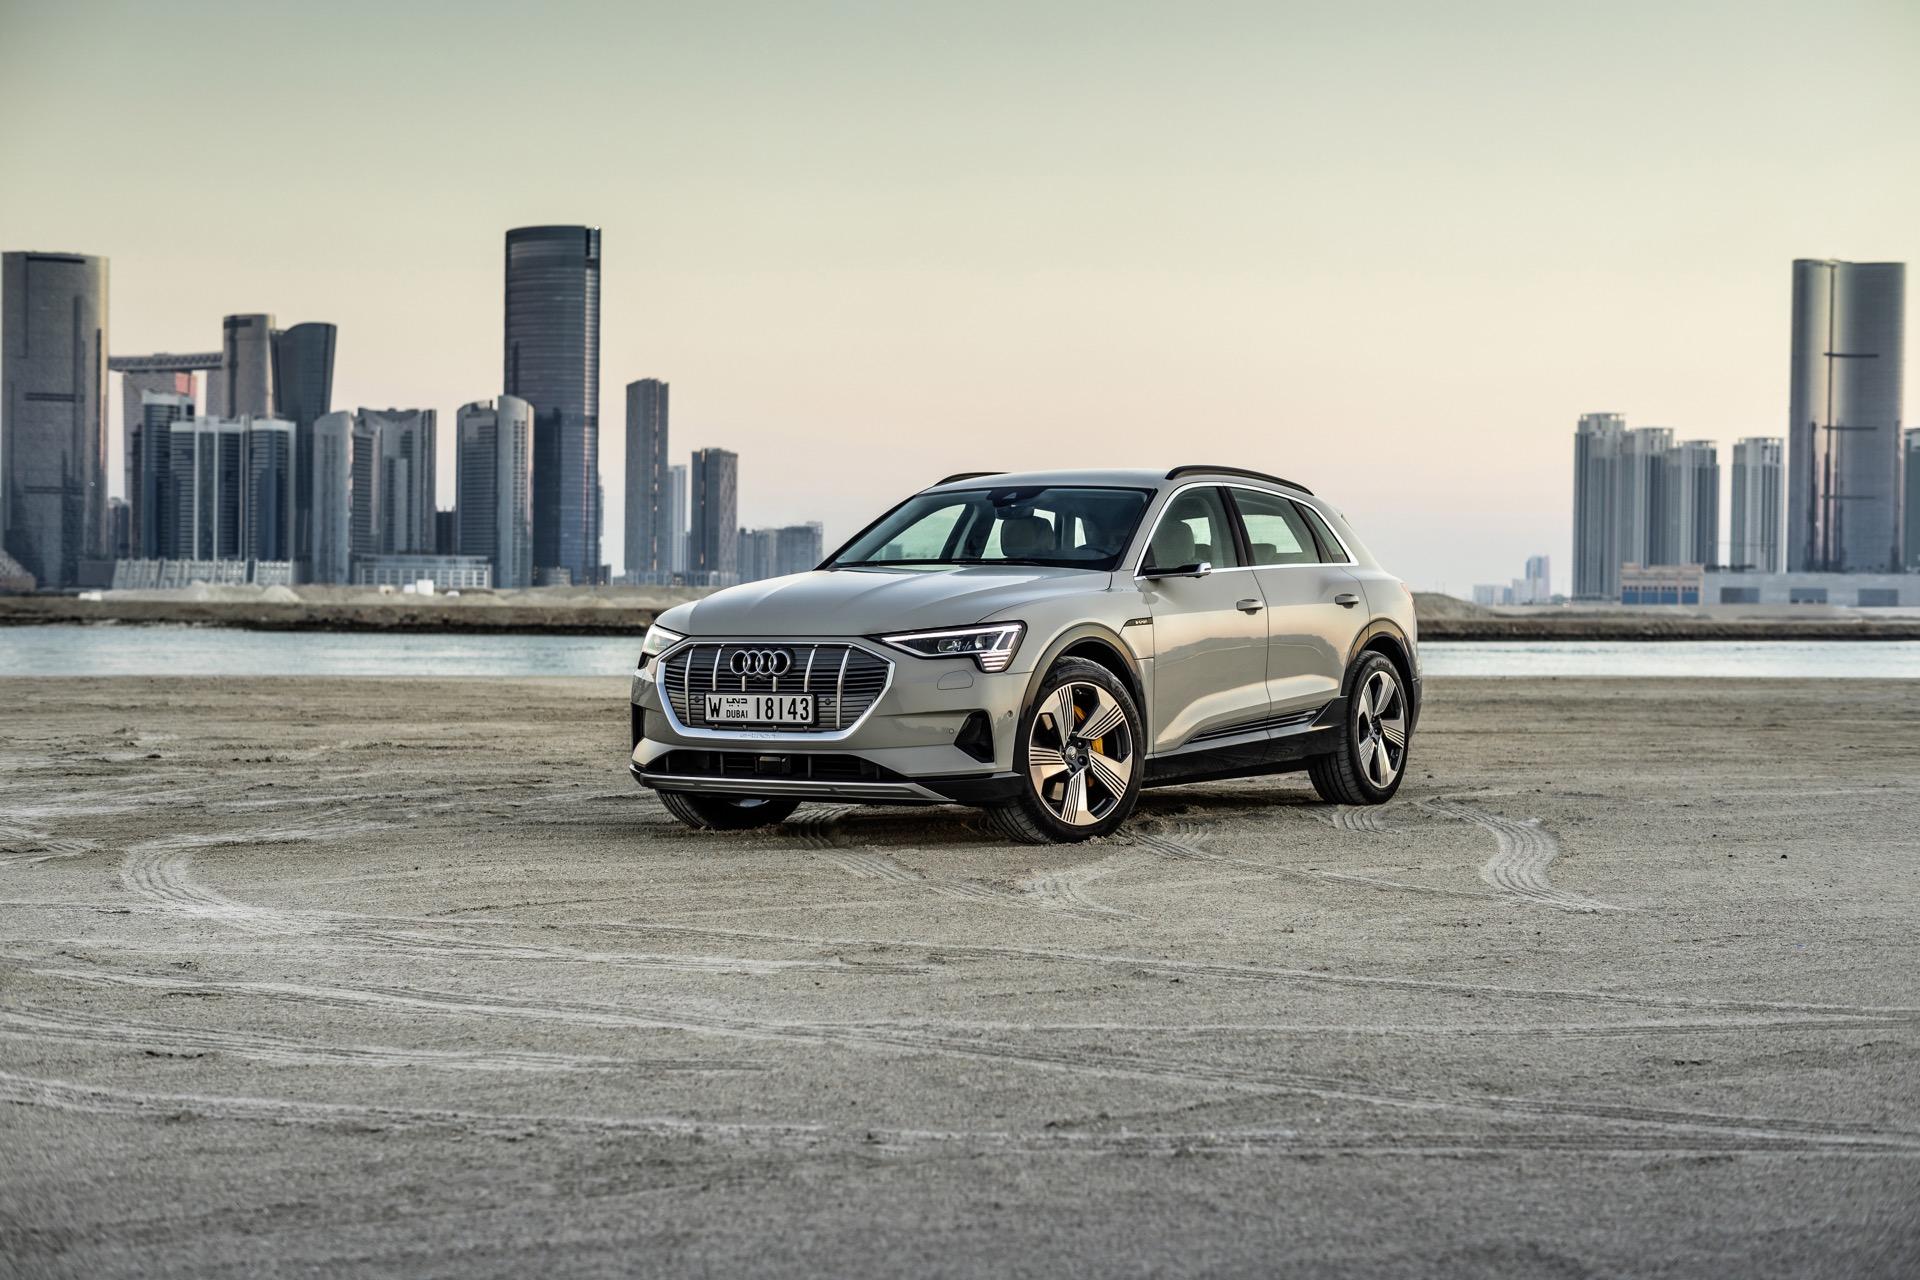 2019 Audi Q4 USA Release Date And Price >> 2019 Audi e-tron Quattro electric SUV: Design, Specs ...